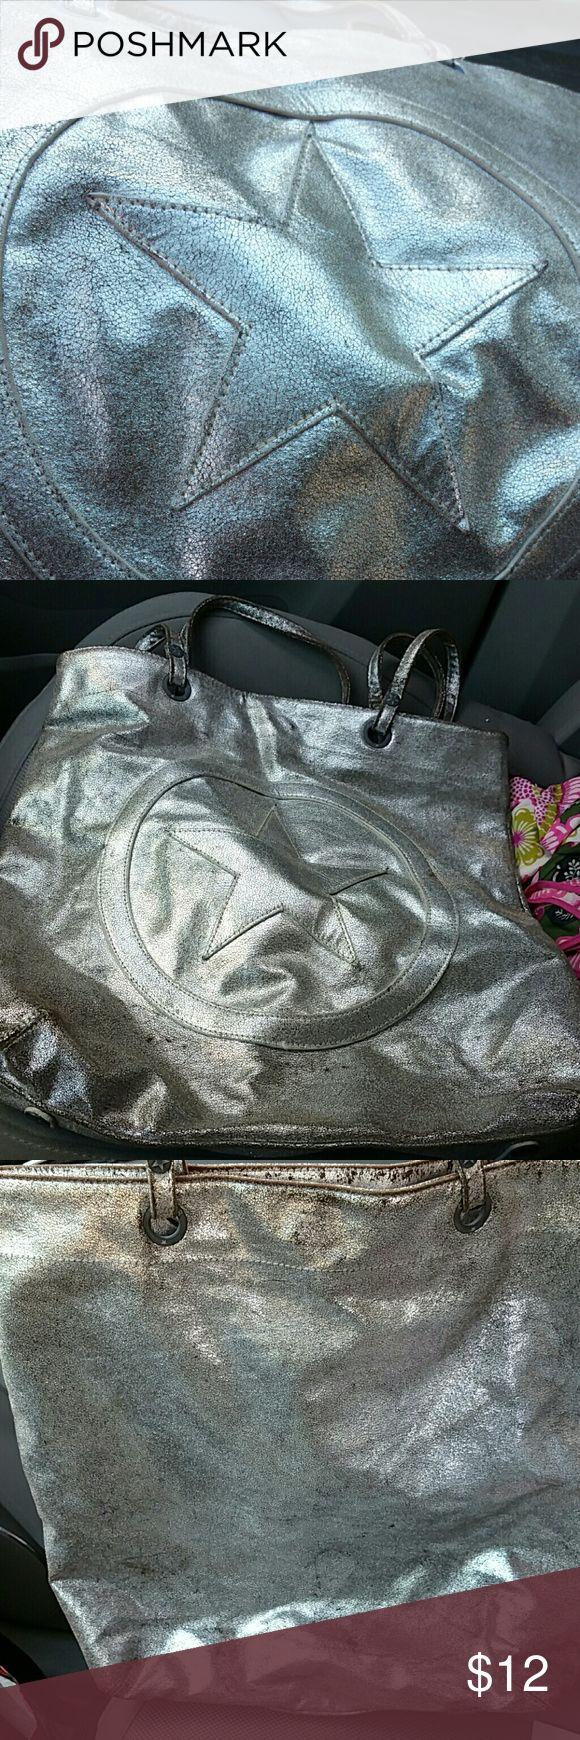 converse bag silver